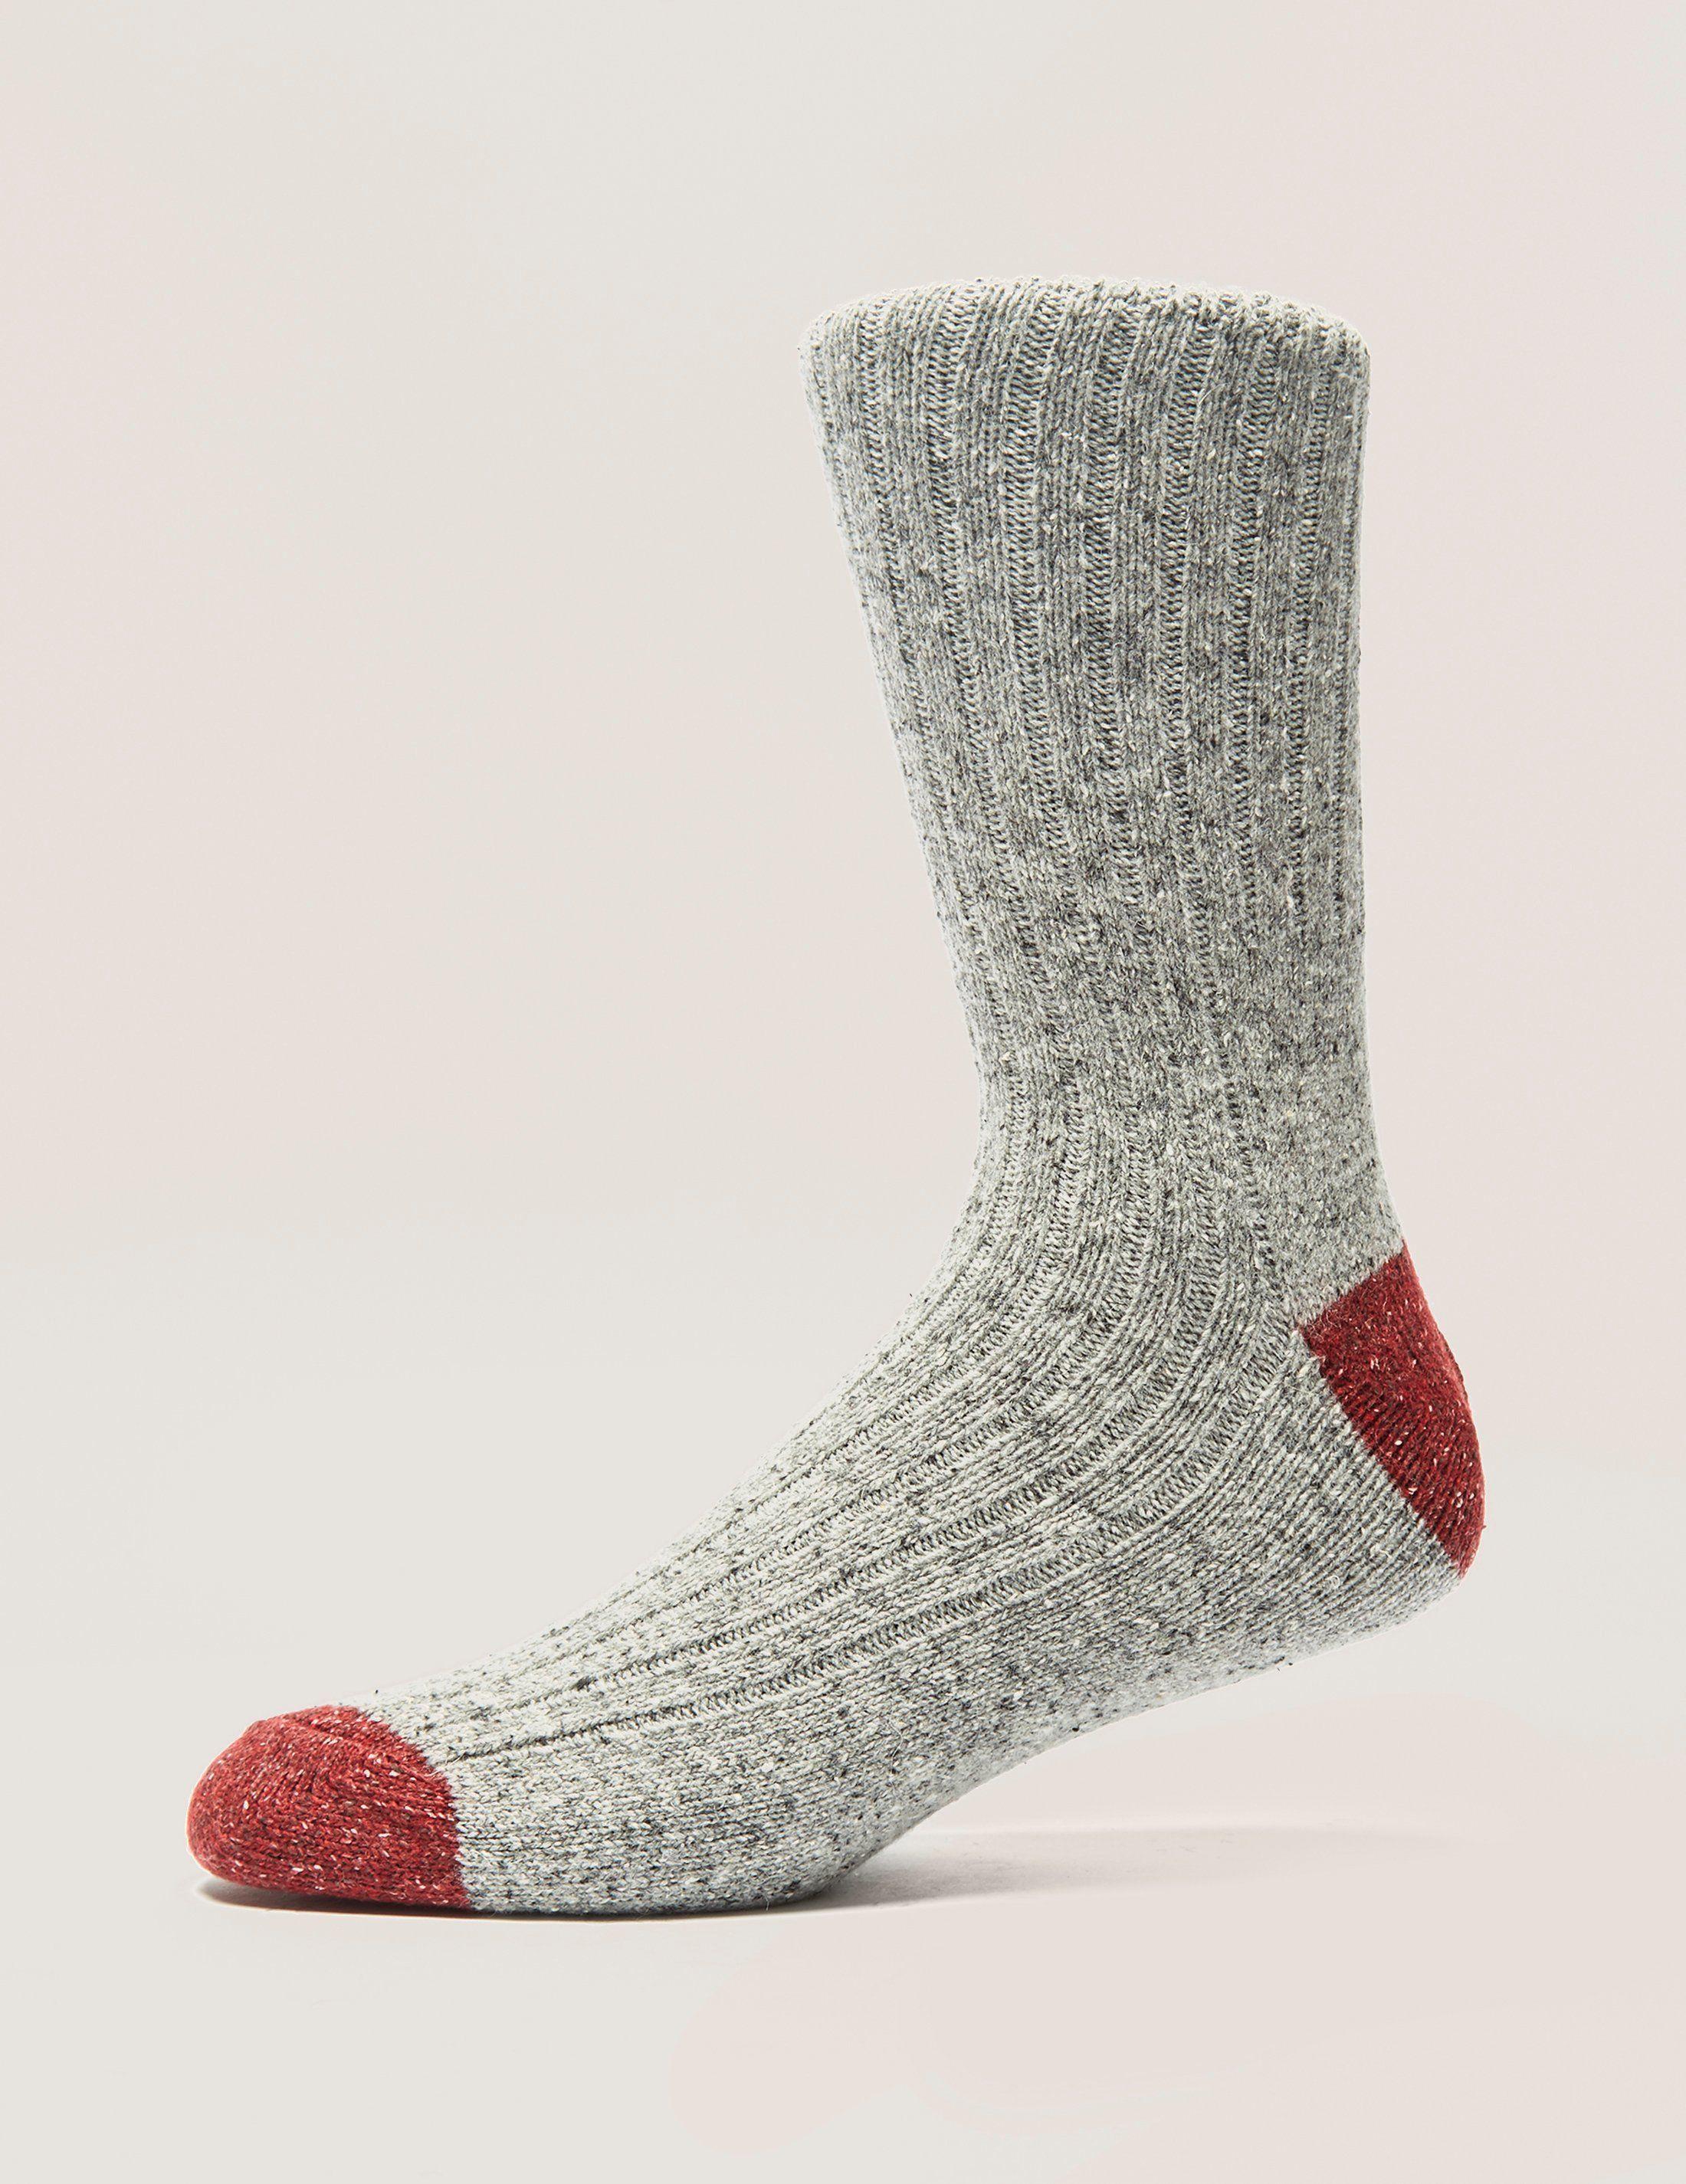 Barbour Houghton Socks